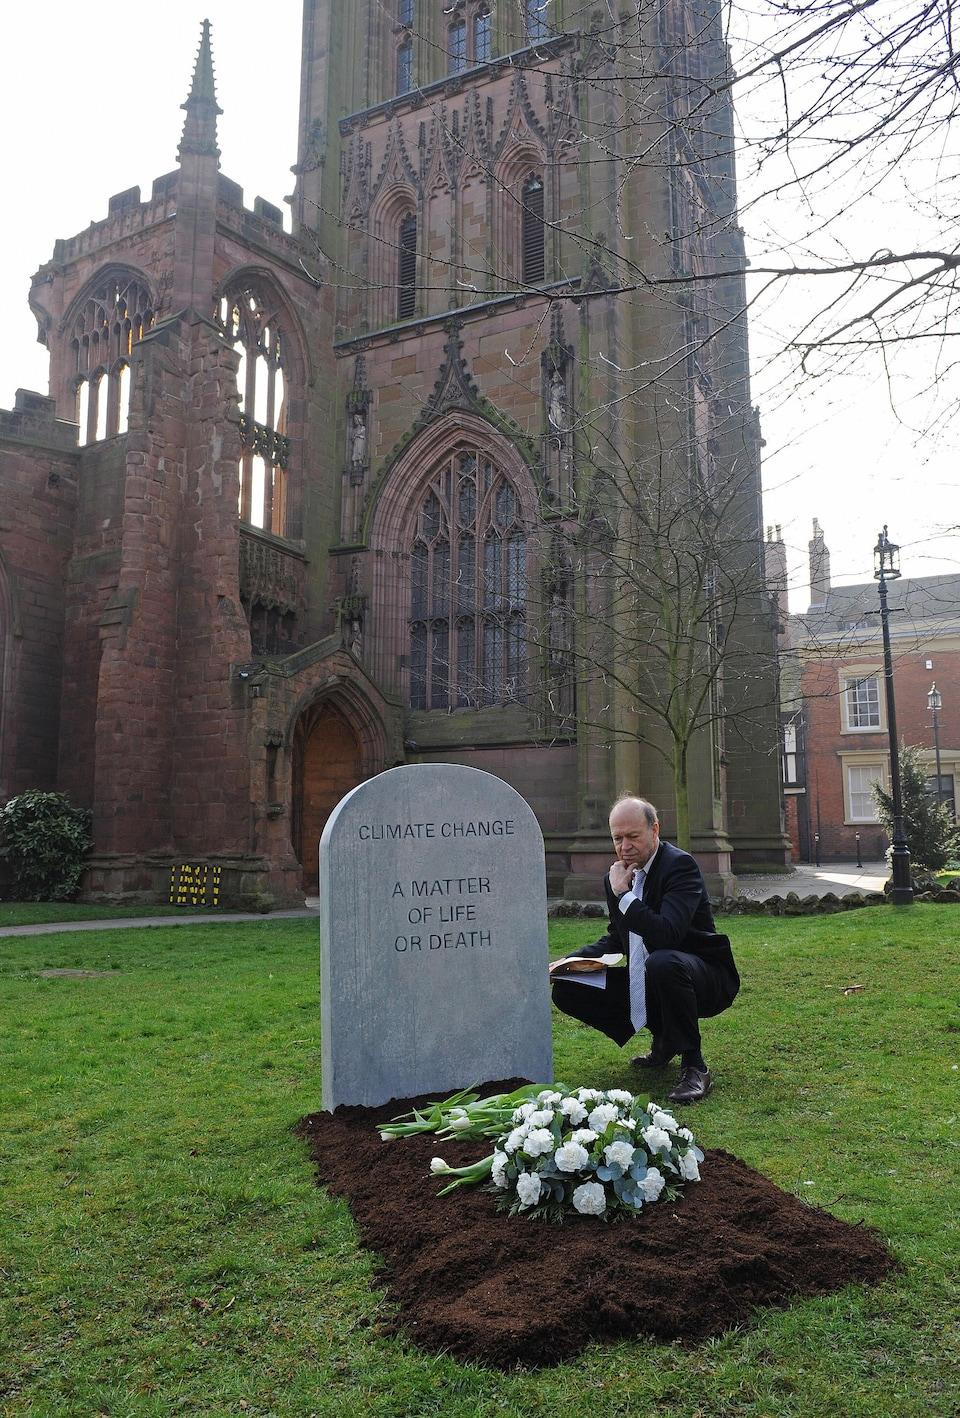 James Hansen est accroupi à côté d'une fausse pierre tombale sur laquelle il est écrit «Changement climatique : une question de vie ou de mort» en anglais.